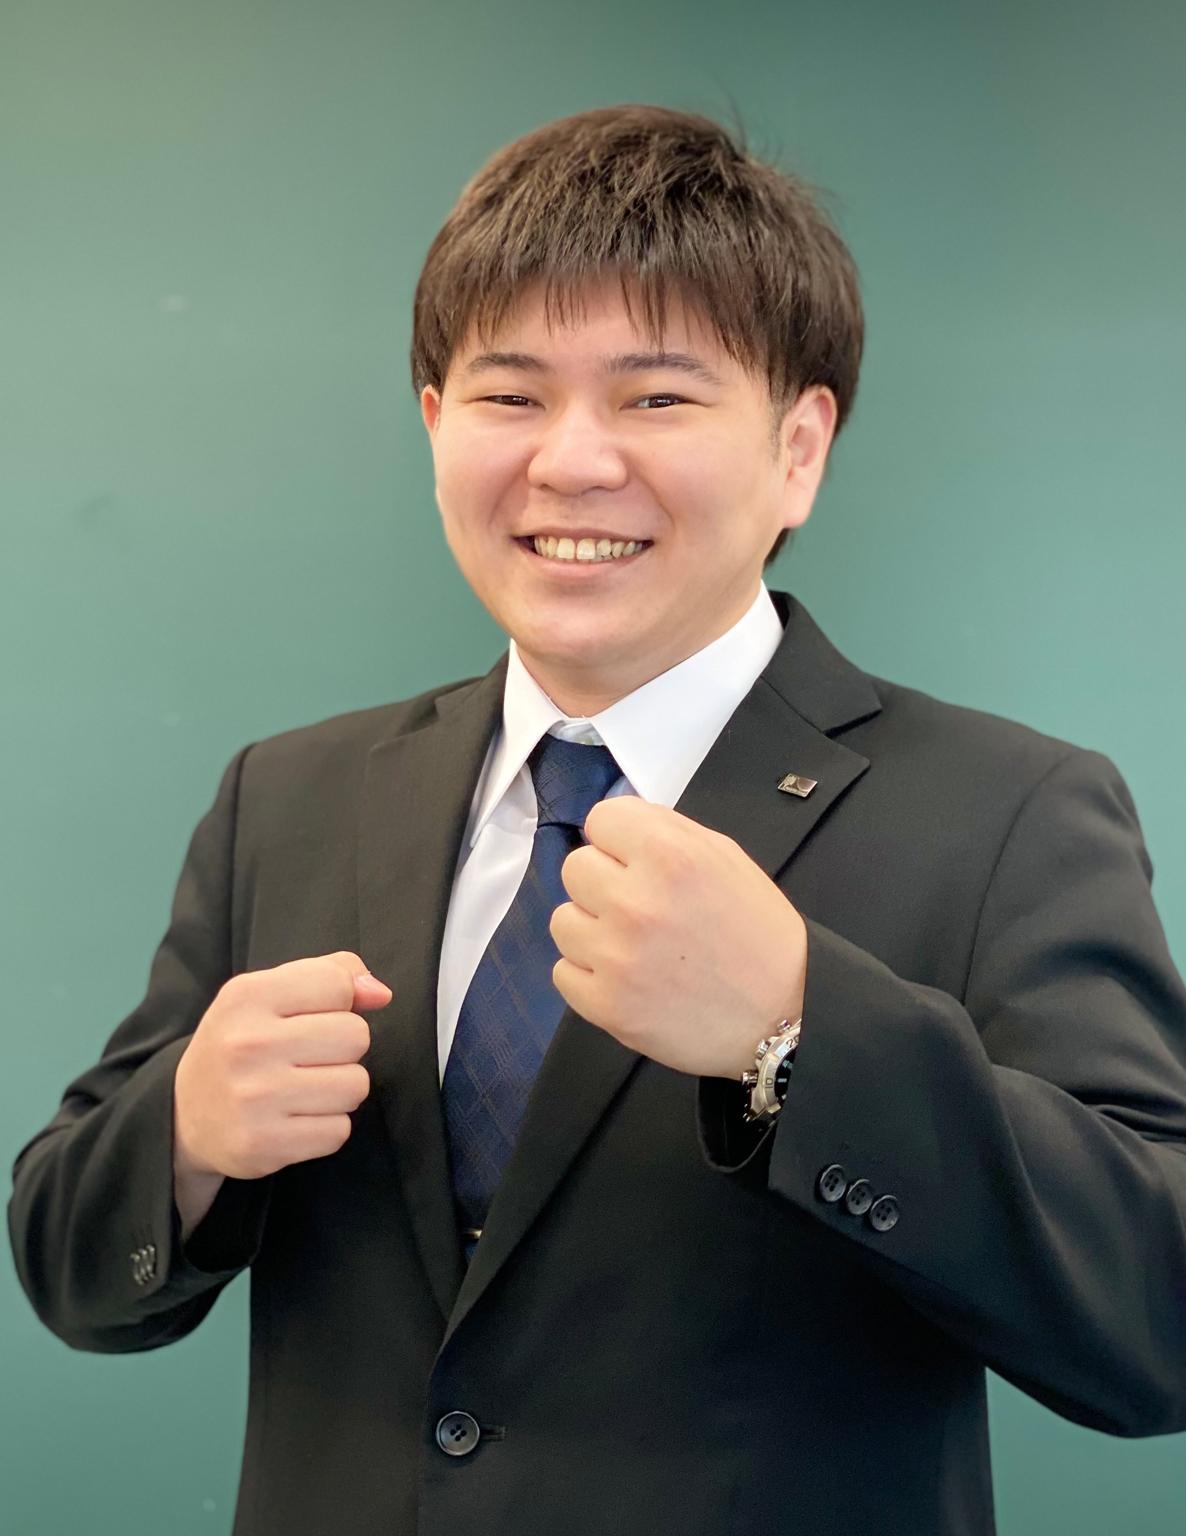 髙橋 大翔